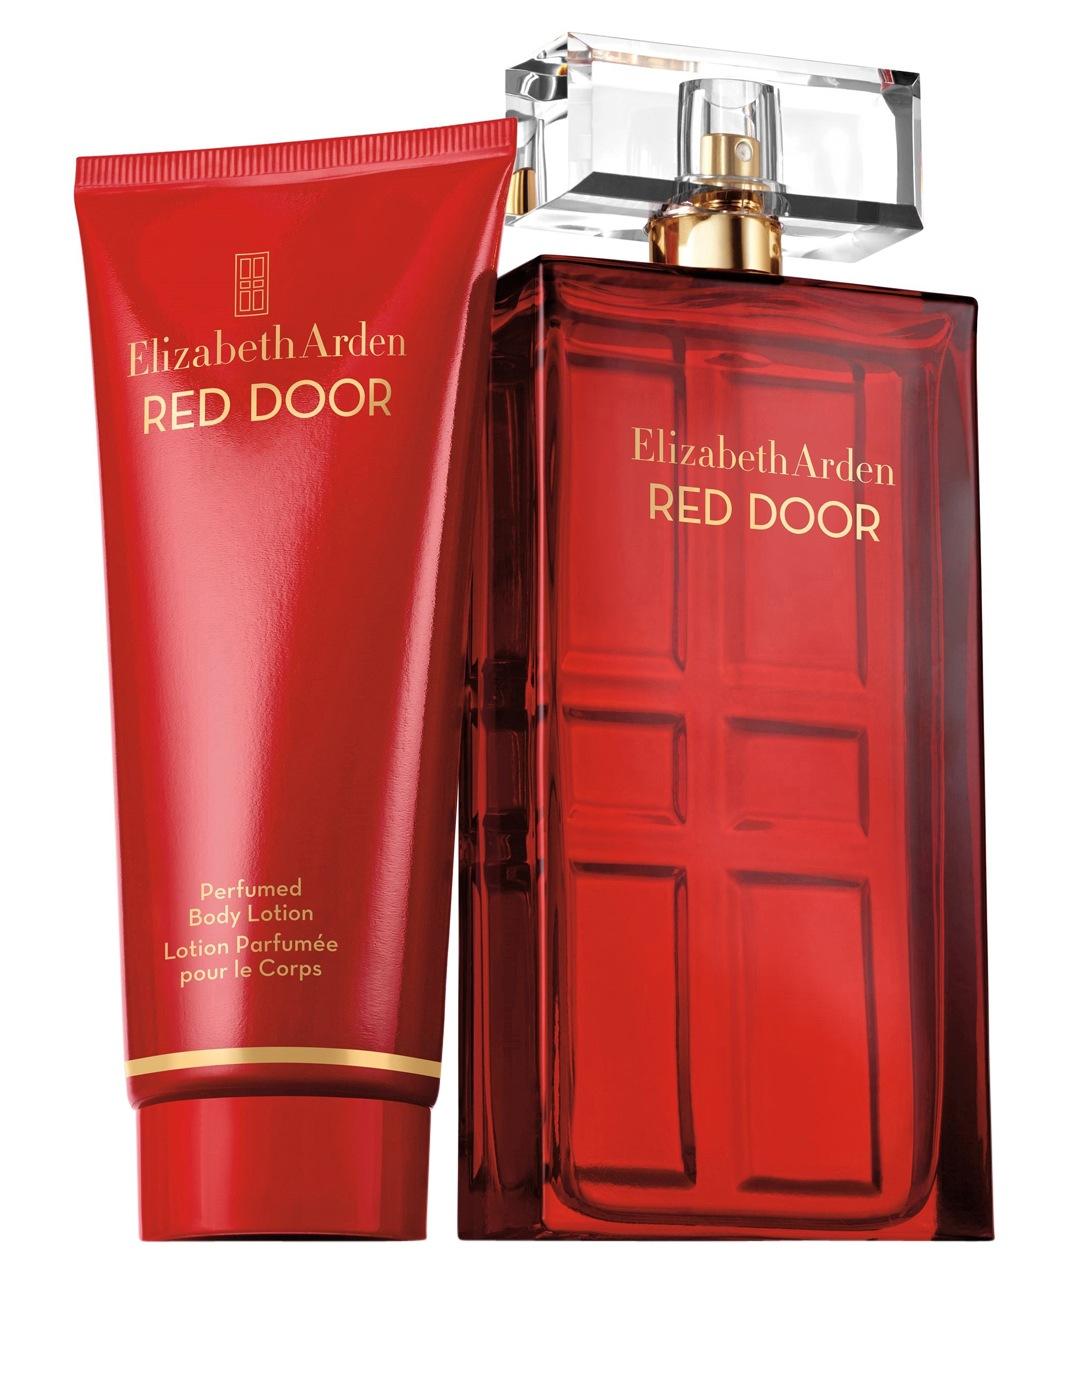 Elizabeth Arden Red Door 100ml 2 Piece Set Myer Online